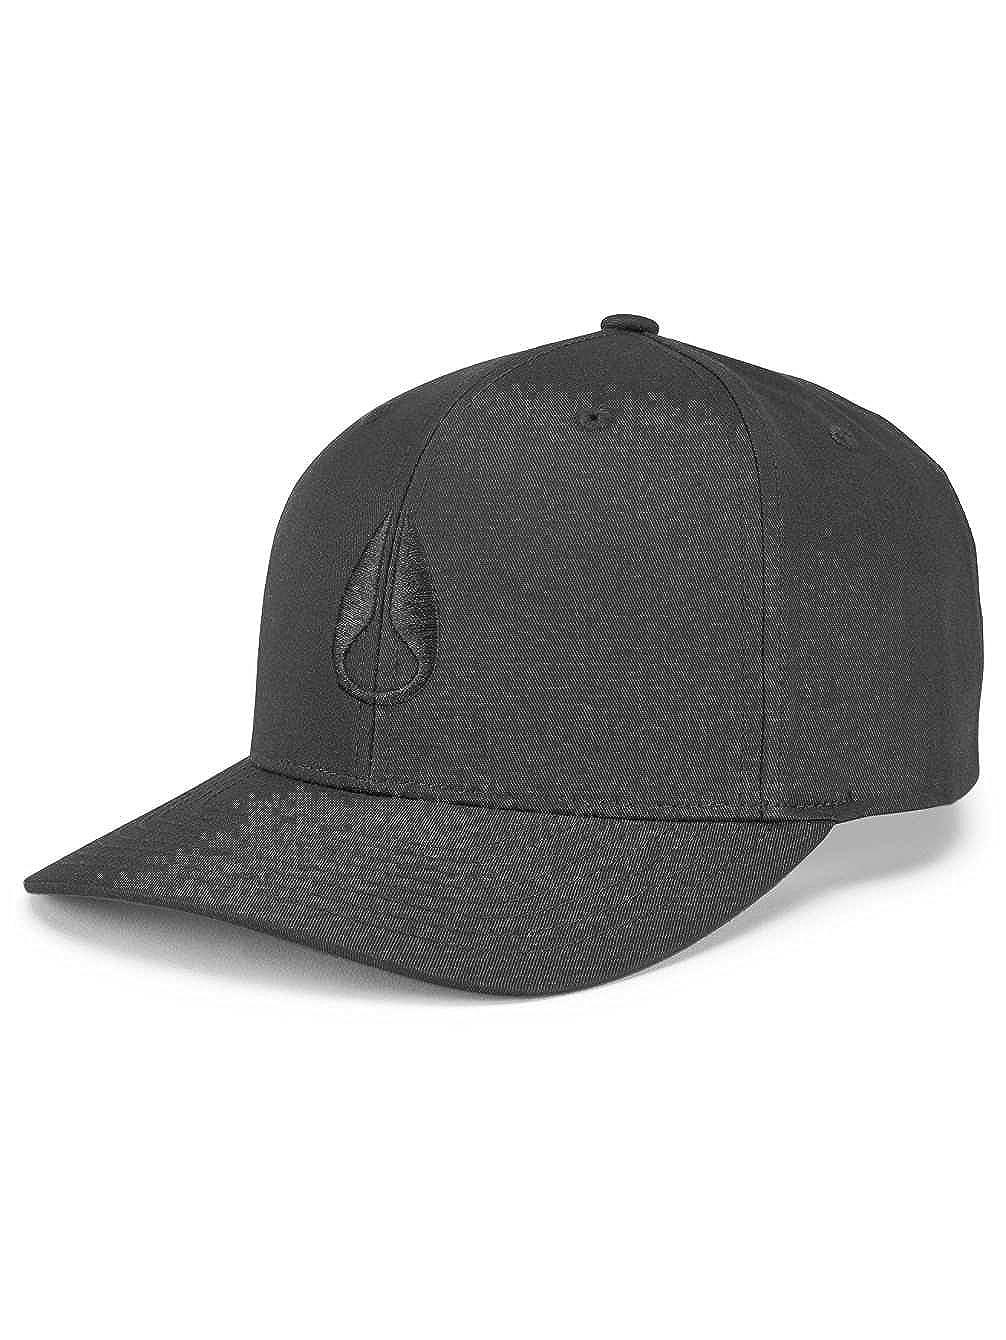 Nixon Wings Snapback Hat All Black One Size: Amazon.es: Deportes y aire libre